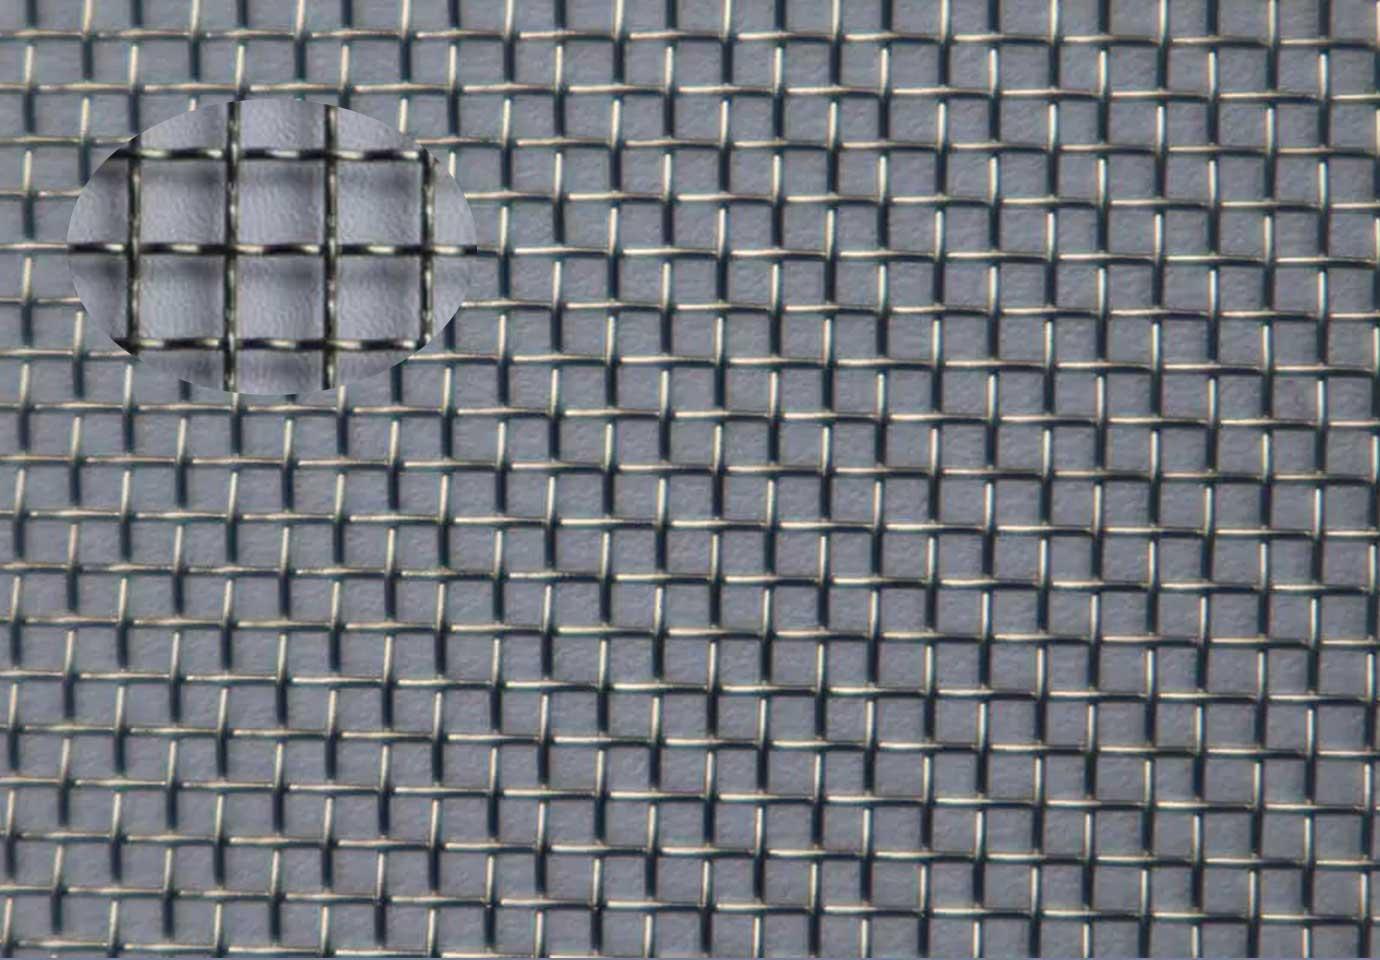 Stainless Steel Series Milling Mesh